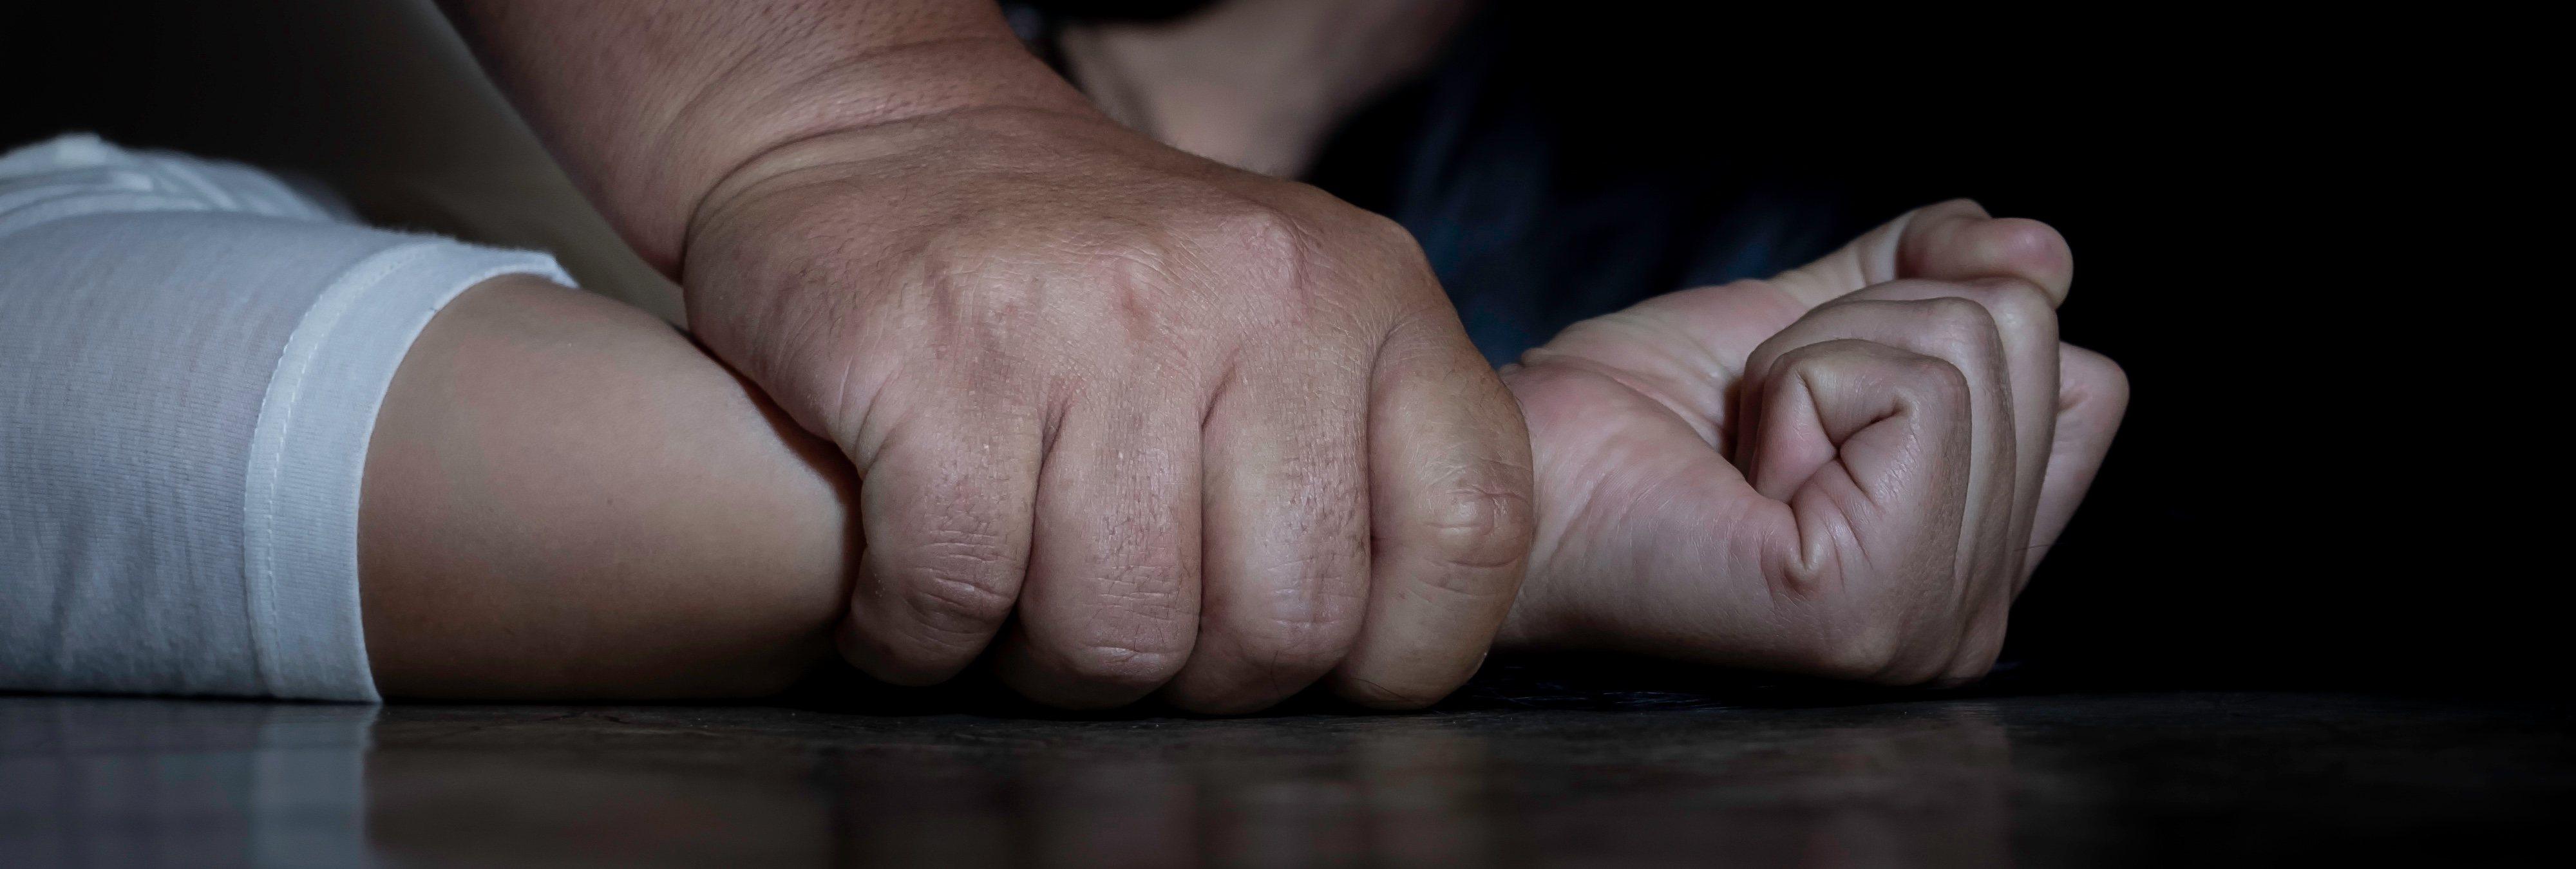 Detenido tras violar a su hijastra durante 8 años y dejarla embarazada tres veces